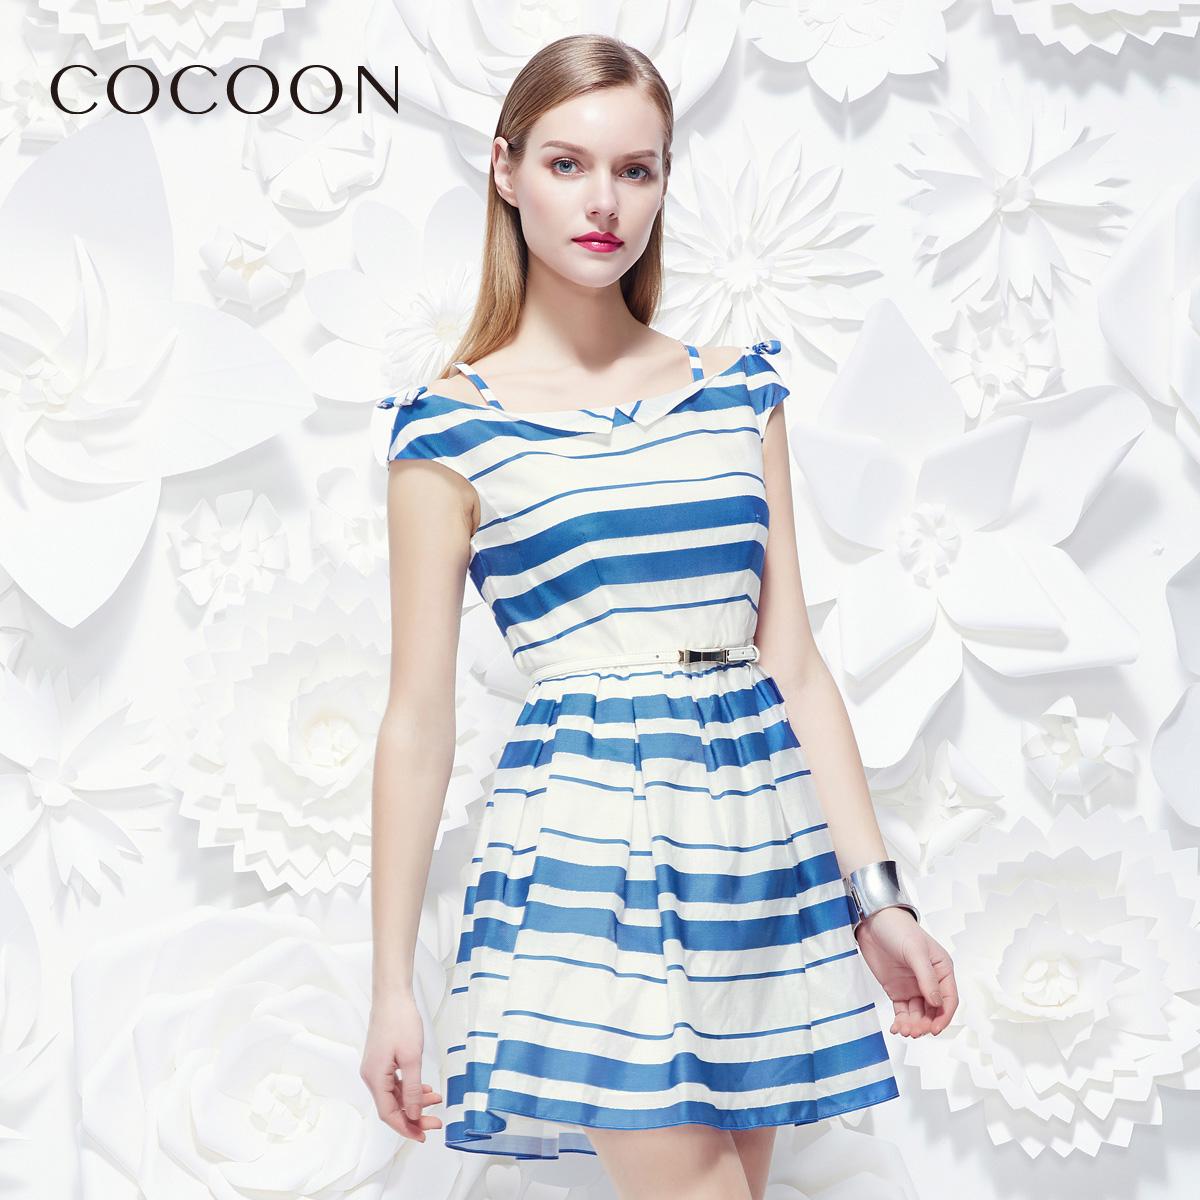 可可尼夏新品条纹一字肩收腰无袖吊带气质连衣裙裙子